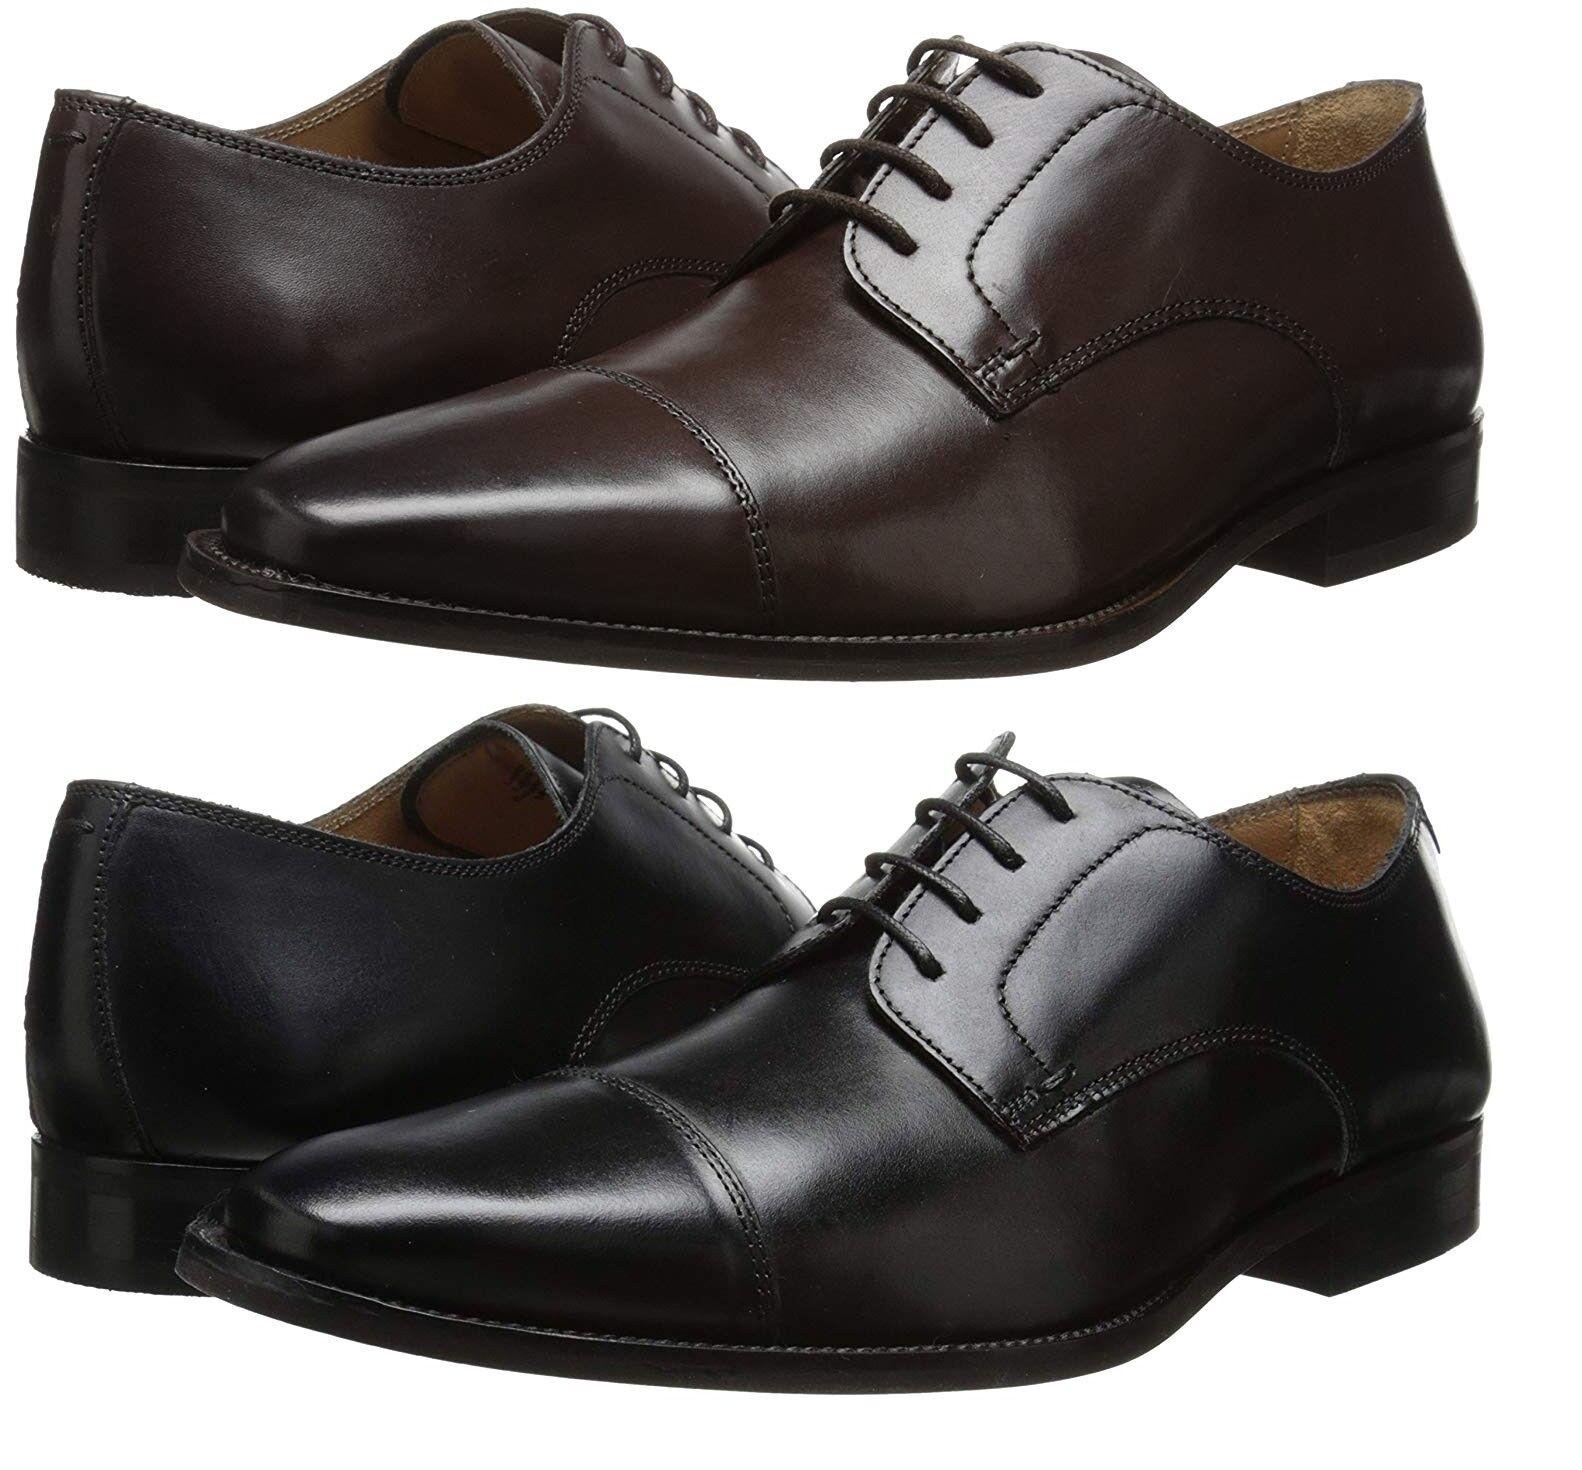 Florsheim Men's Sabato Cap Toe Oxfords Premium Leather Dress shoes NEW